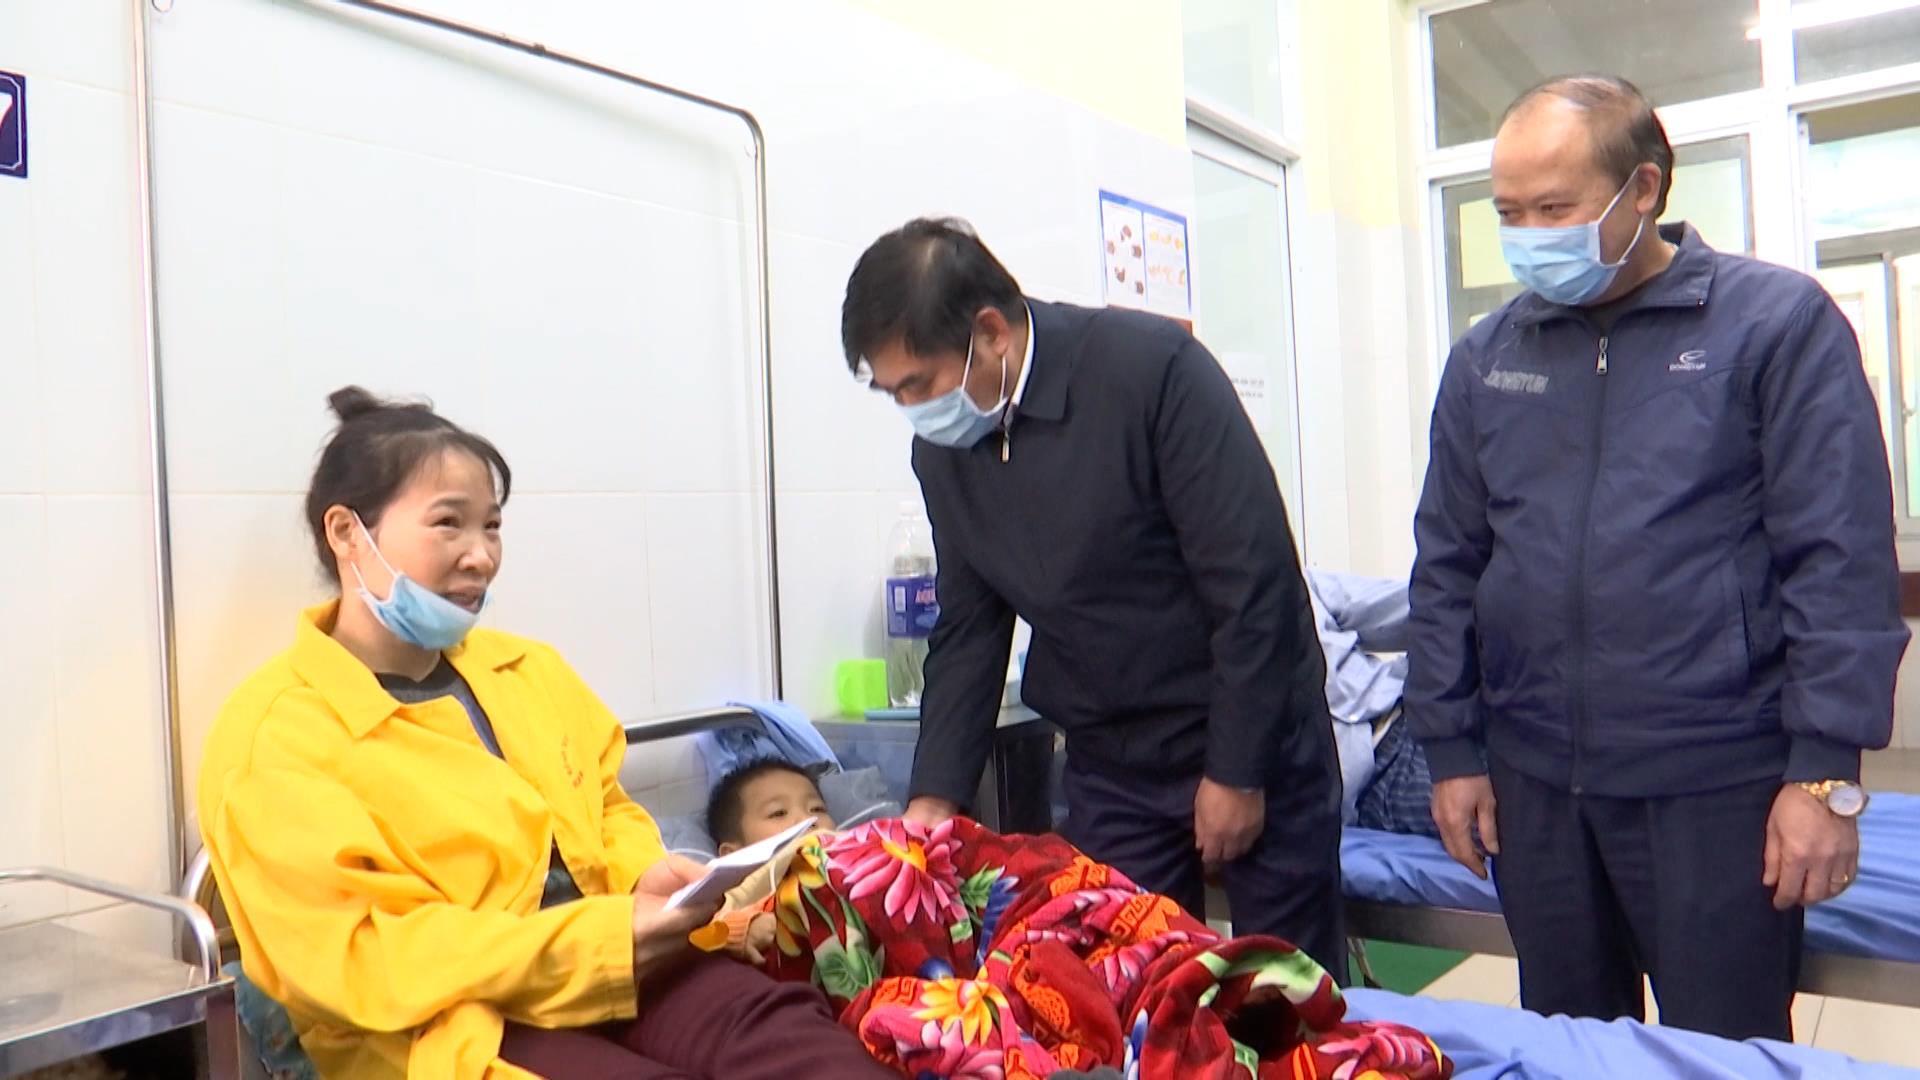 Lương Tài: Đổ thiết bị thi công xây dựng khiến 4 trẻ thương vong